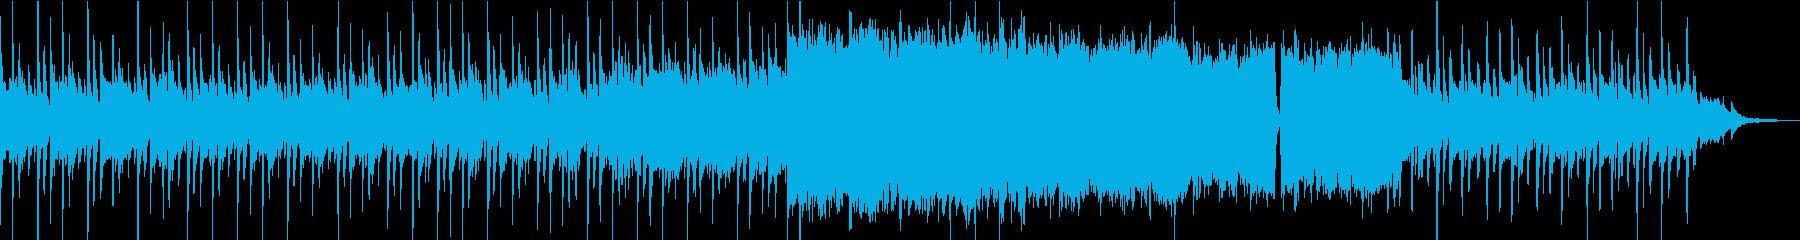 ピアノとピッツィカートが印象的なインストの再生済みの波形